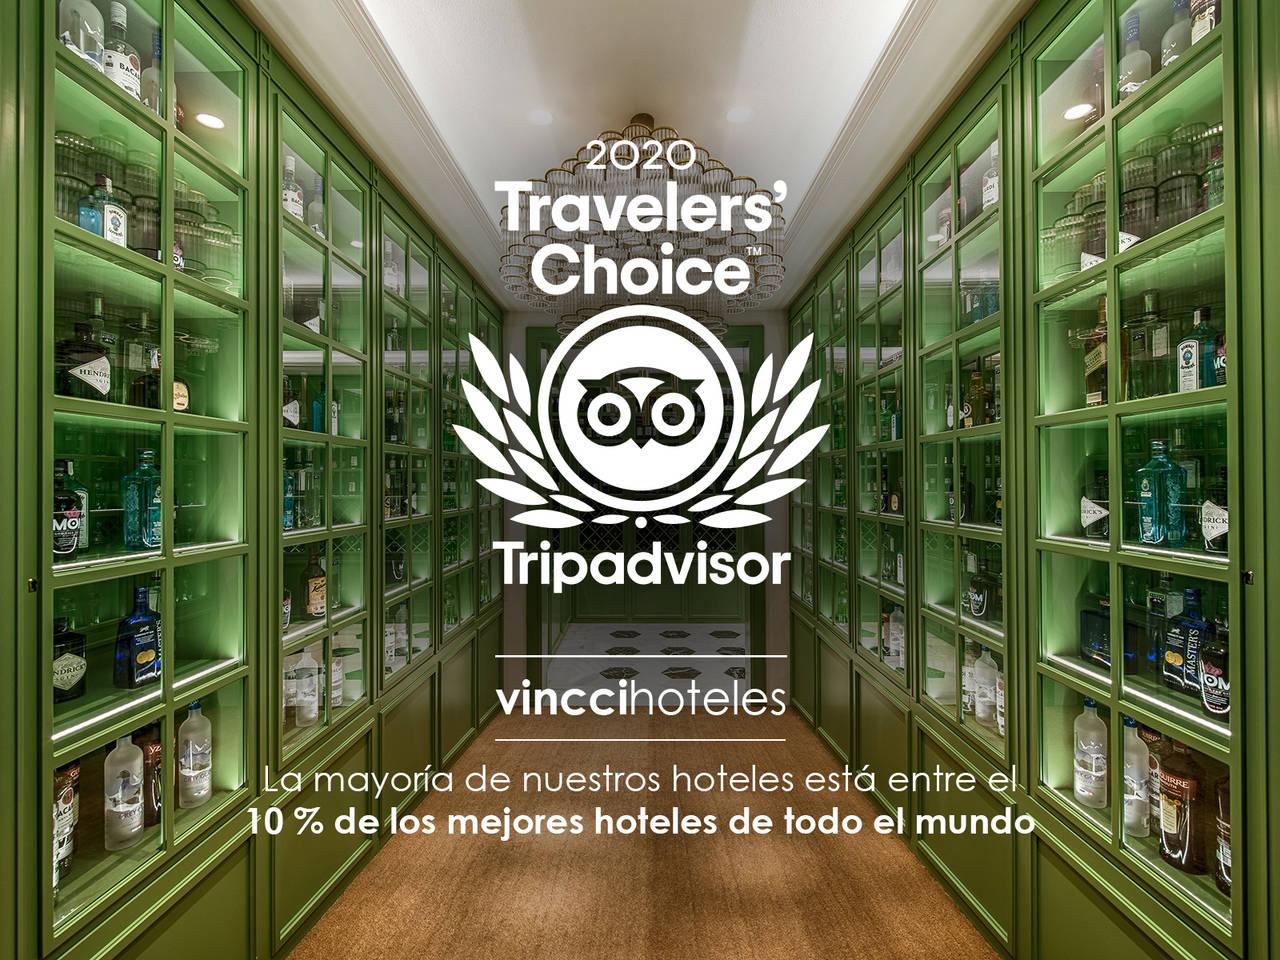 Vincci obtiene el Travelers' Choice en casi todos sus establecimientos